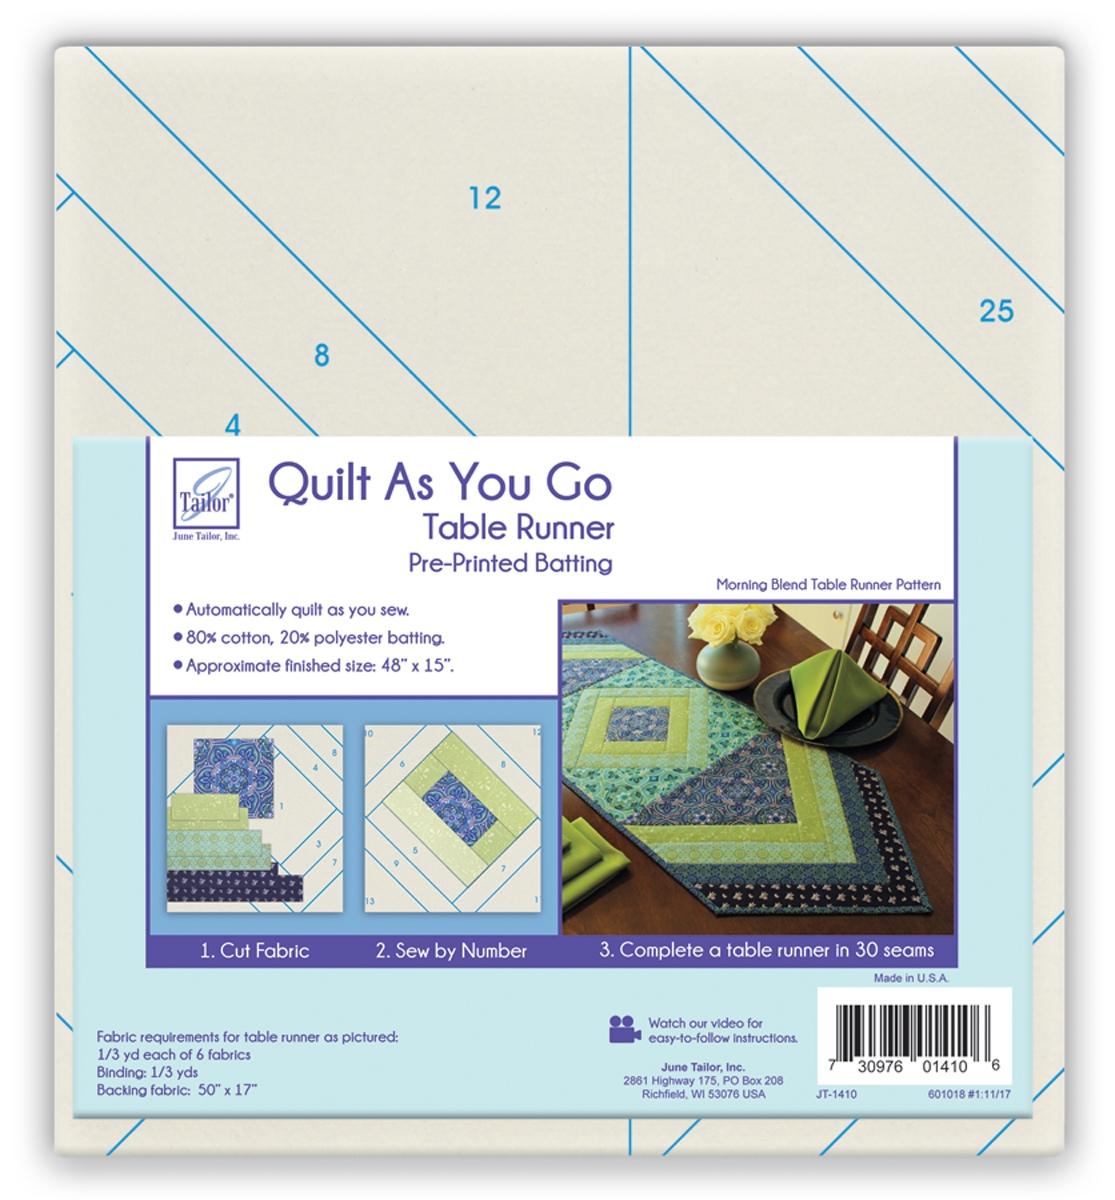 Quilt As You Go Table Runner - Morning Blend